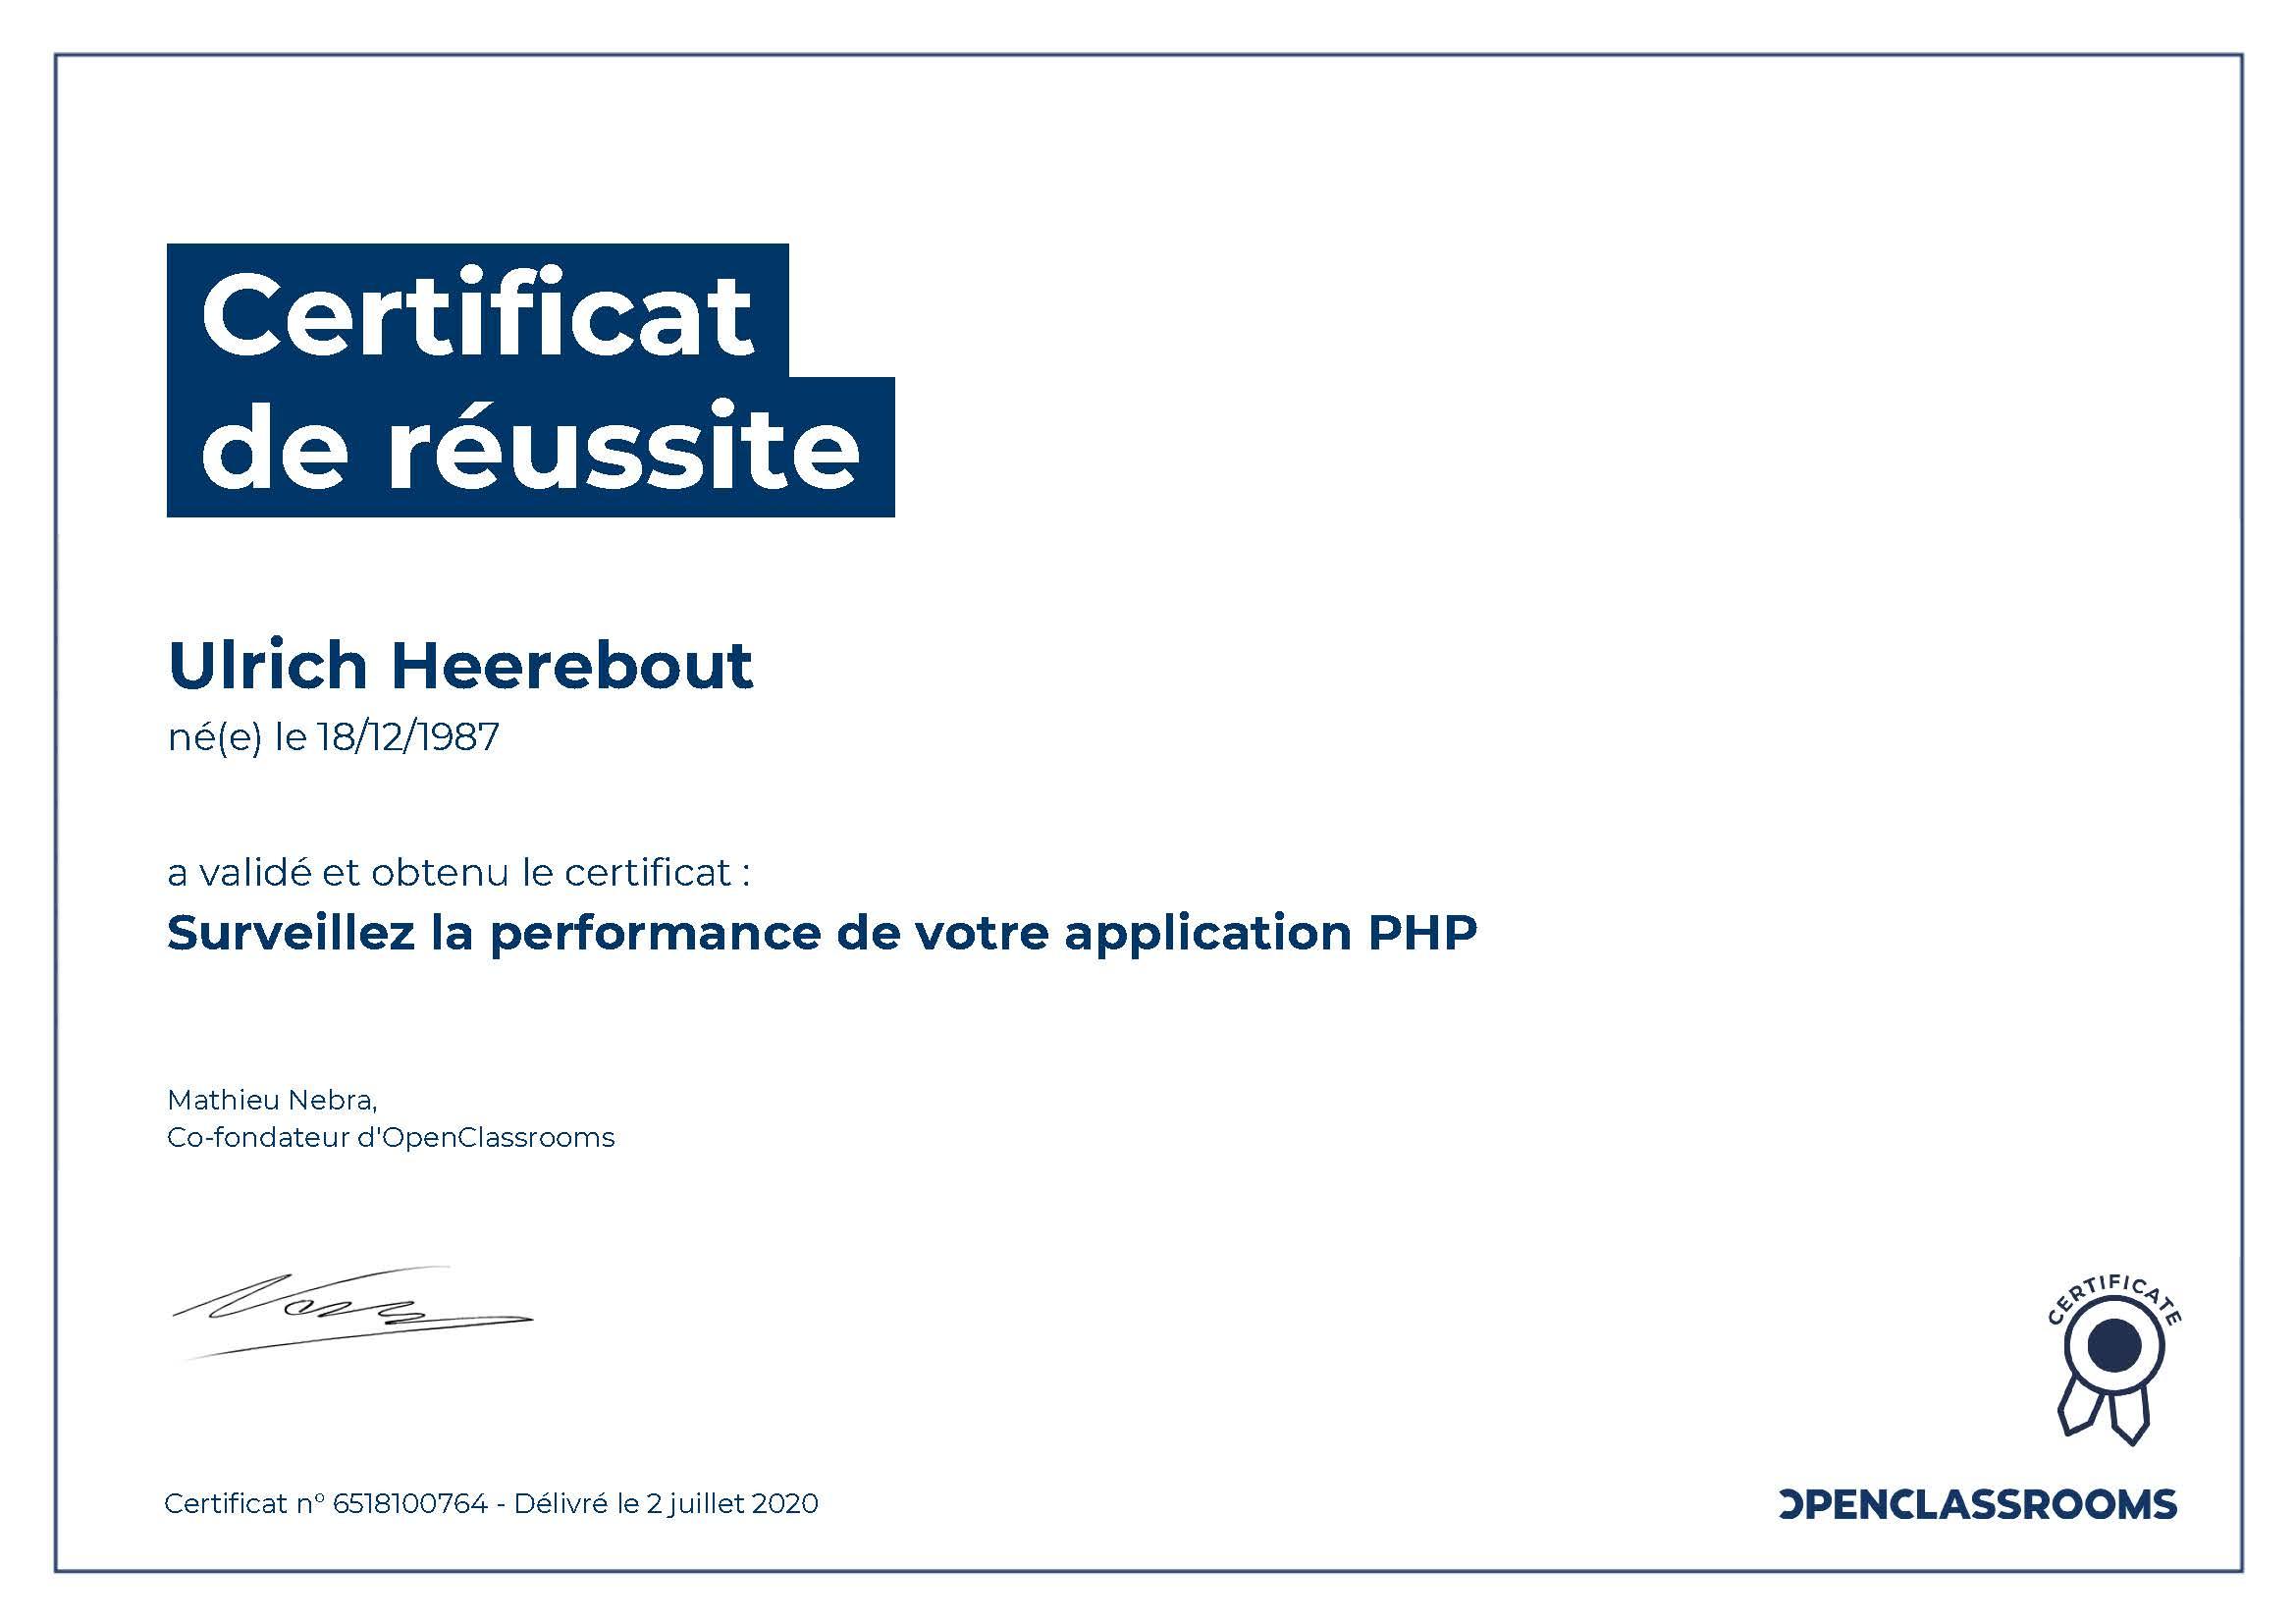 Certificat de réussite : Surveillez la performance de votre application PHP